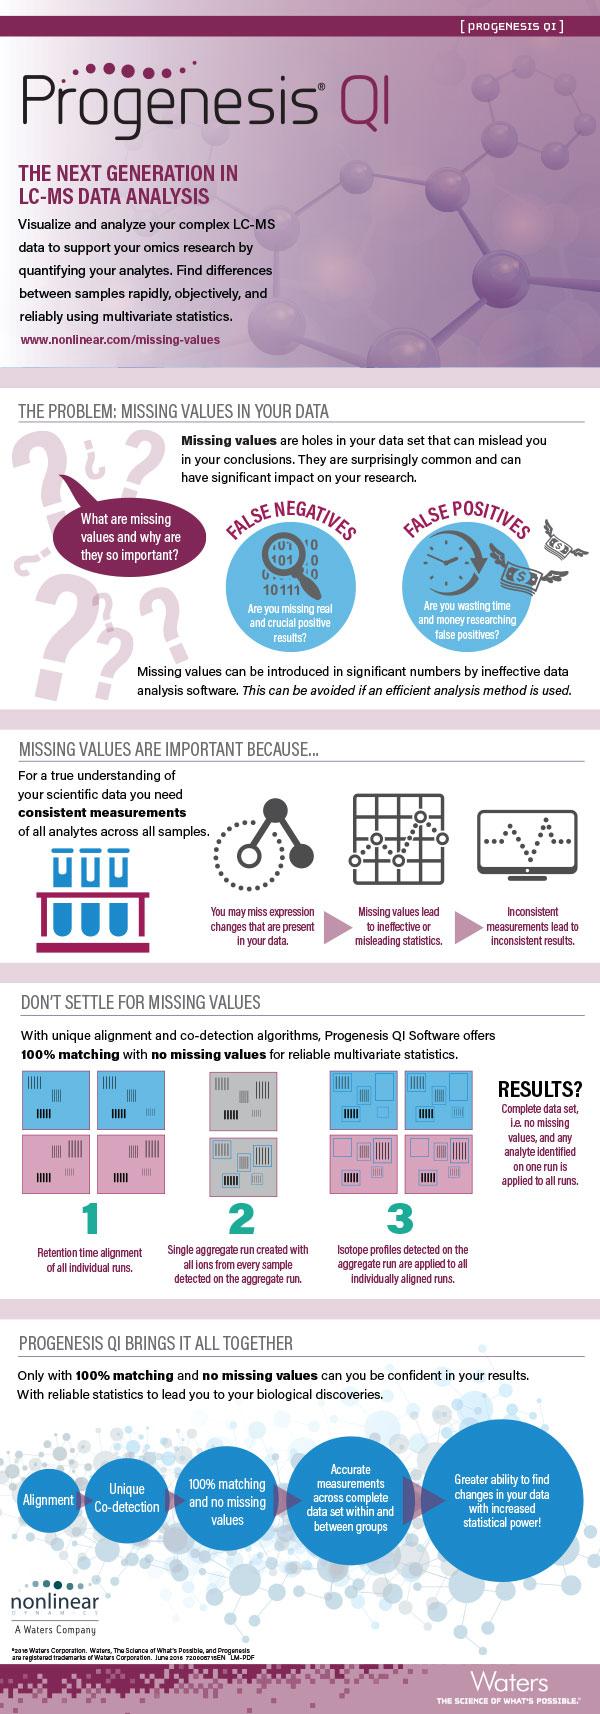 Progenesis QI Infographic